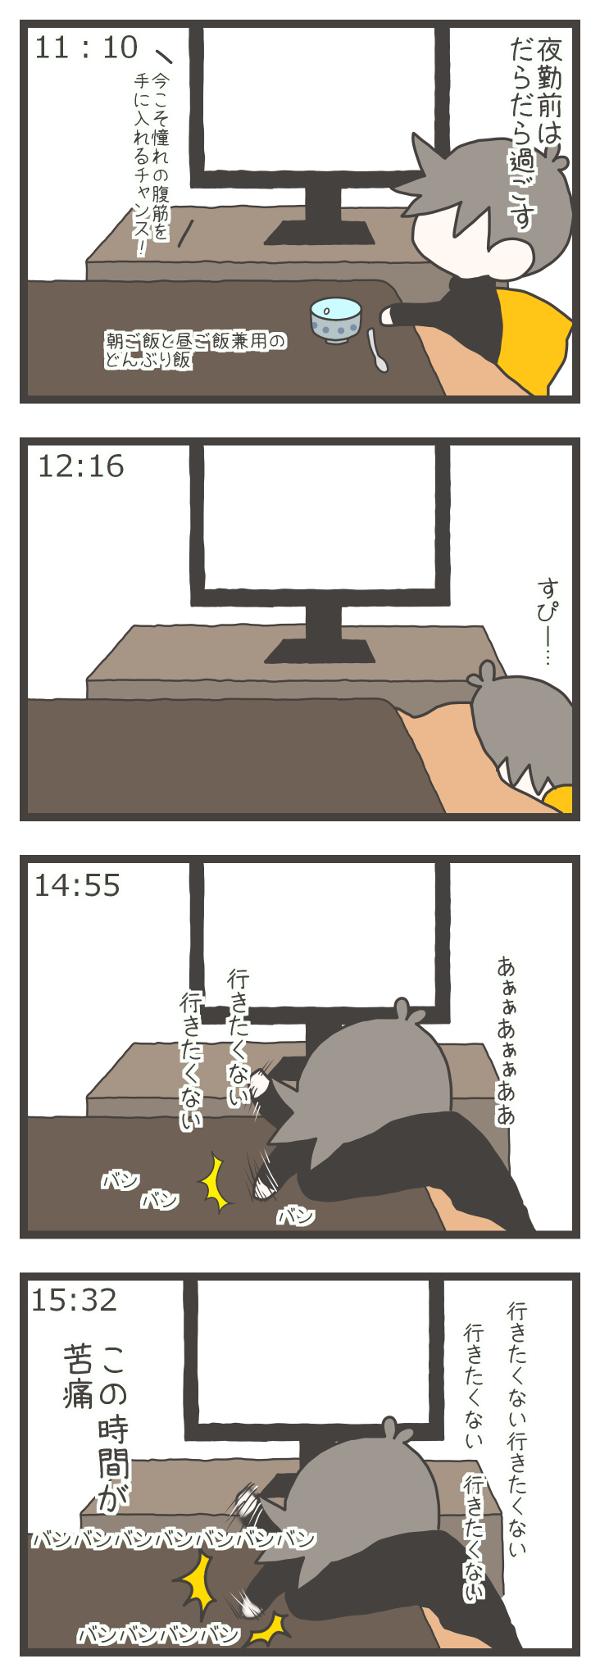 夜勤前、11時10分…ナスさんはテレビを見てだらだらしている。→12時16分…ナスさんはコタツで寝ている。→14時55分…ナスさんは「あぁぁあぁぁああ(仕事に)行きたくない」と葛藤し始める。→15時32分…(仕事に)行きたくないと、テーブルを叩きまくるナスさん。この時間が苦痛なのです…